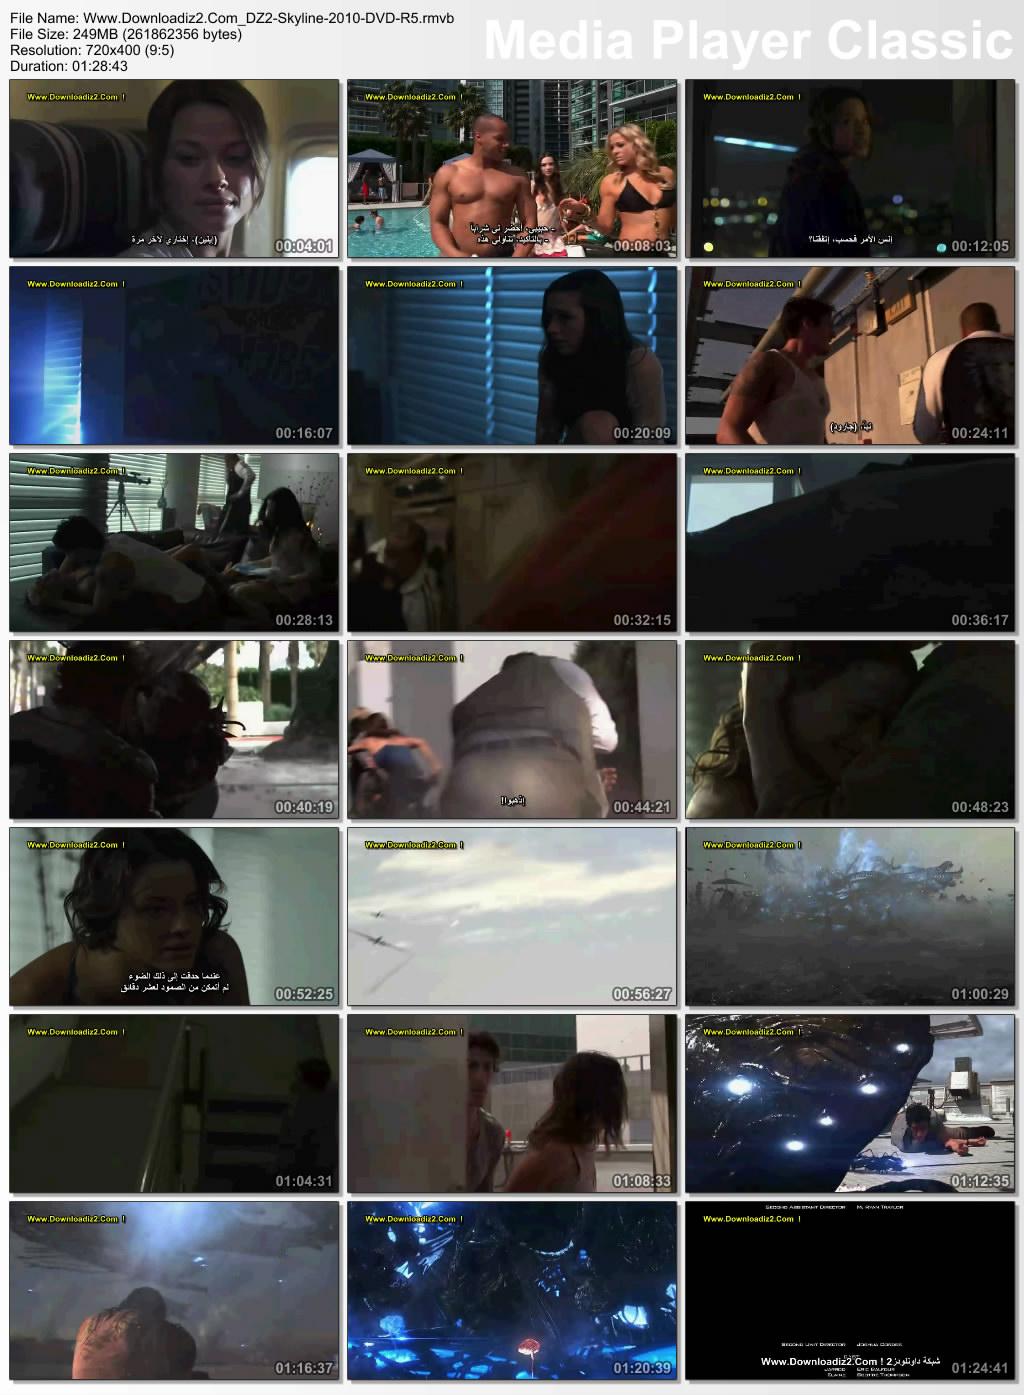 حصرياً النسخة الـ DVD-R5 لفيلم الأكشن والخيال العلمي الرائع Skyline 2010 مترجم  16844256667258960251